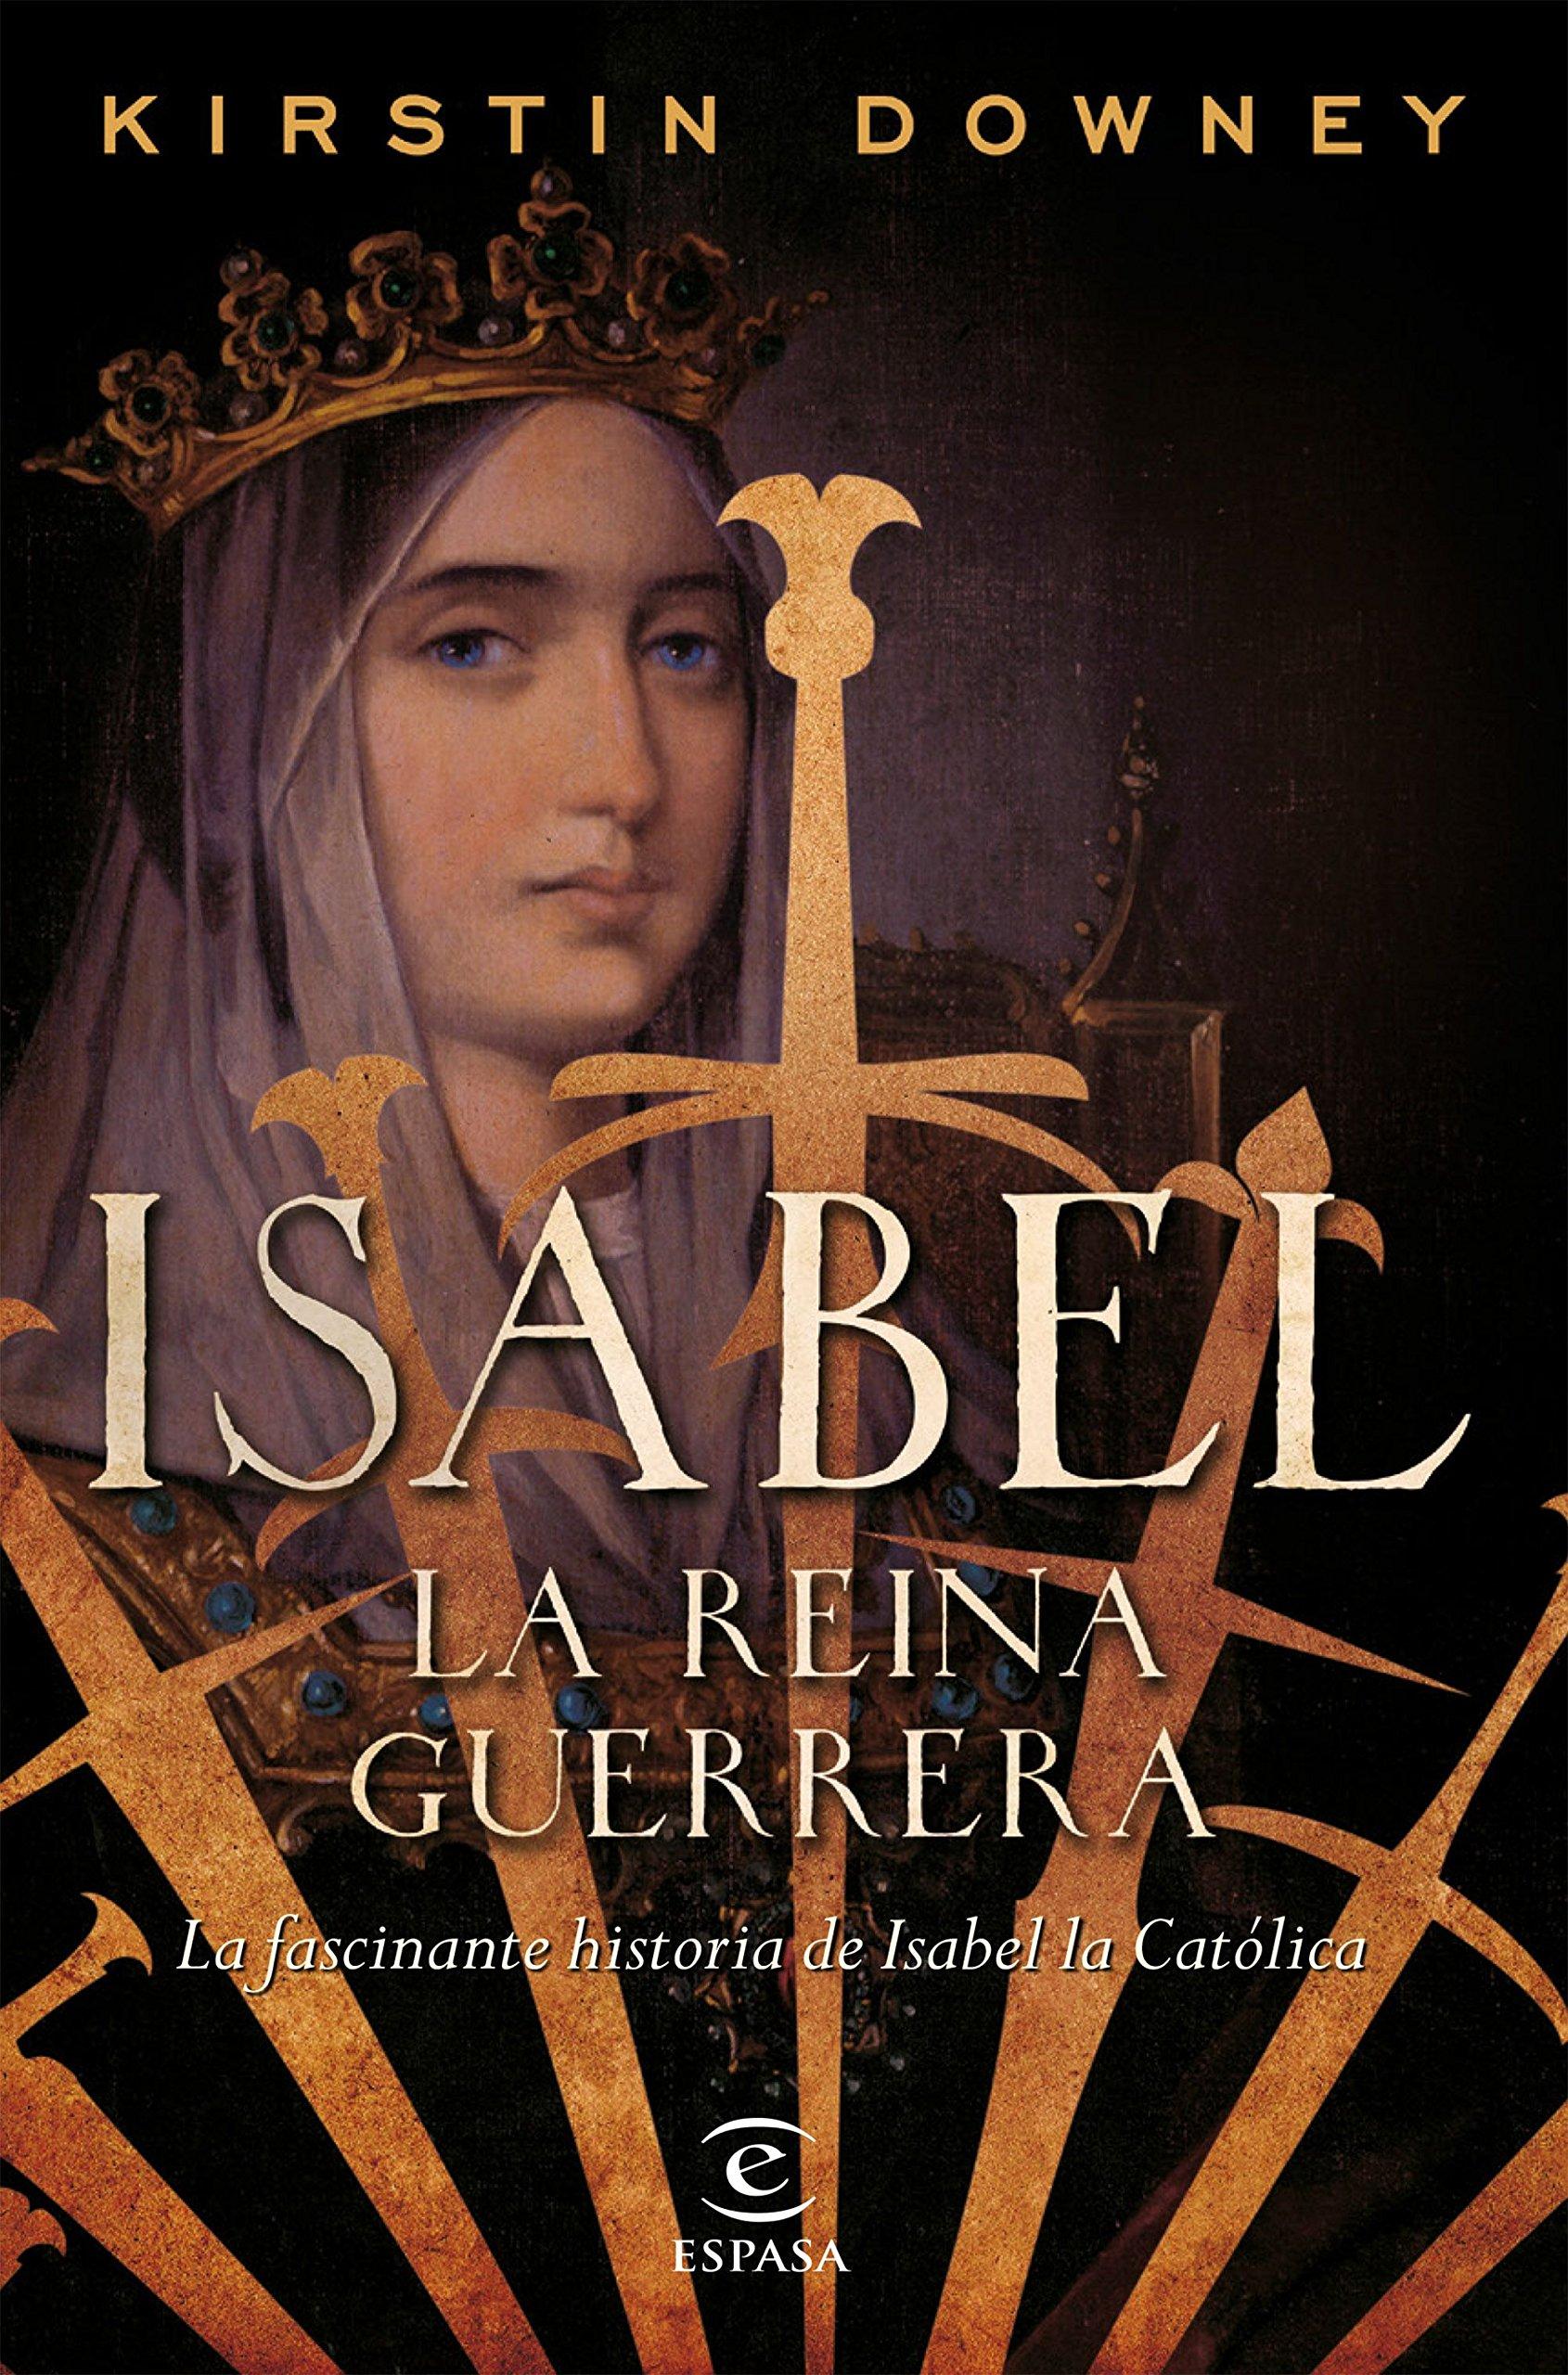 Isabel, la reina guerrera: La facinante historia de Isabel la Católica Fuera de colección: Amazon.es: Downey, Kirstin, Torre Olid, Jesús de la: Libros